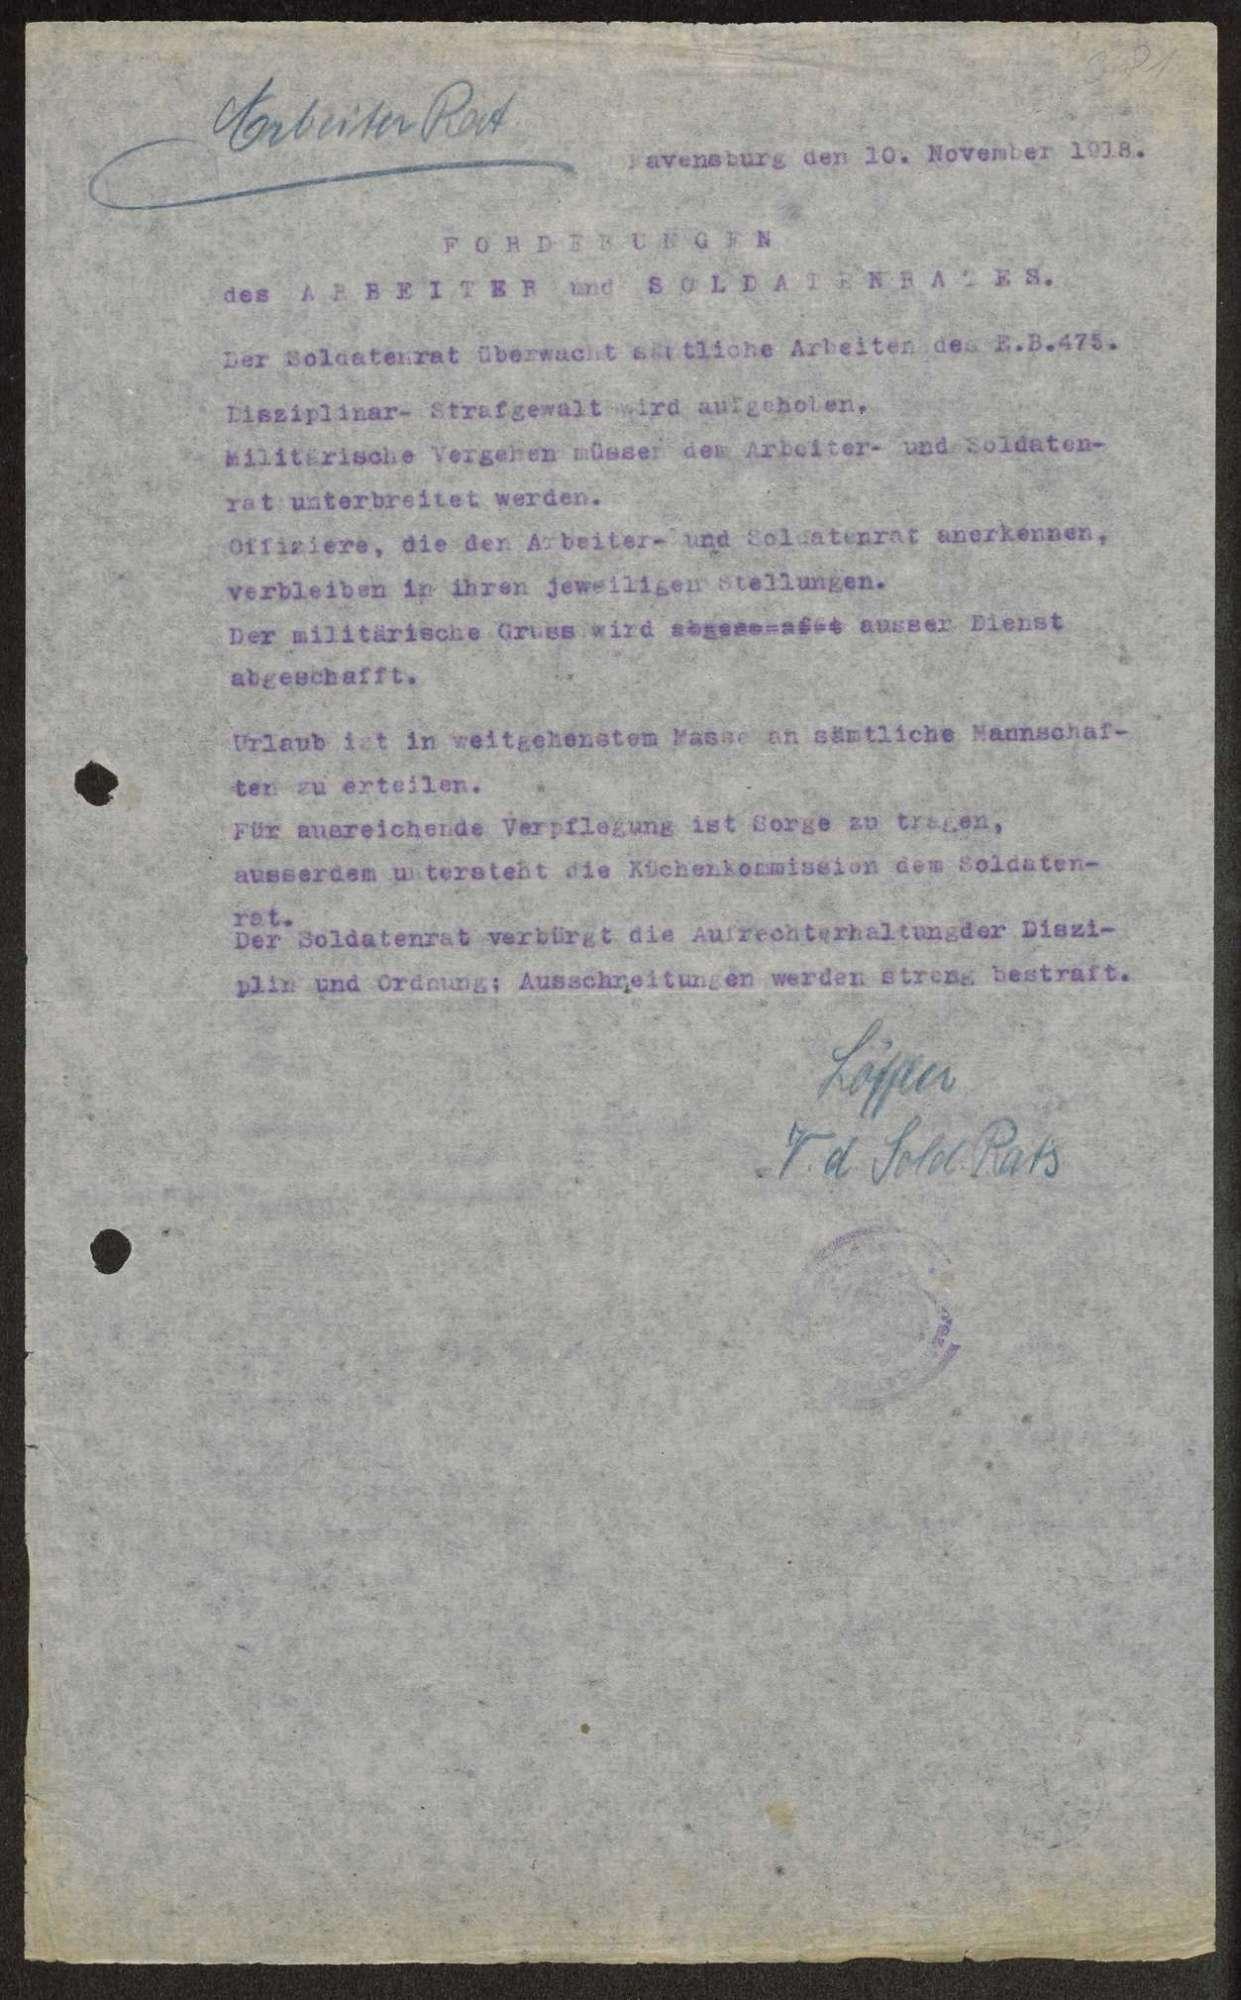 Allgemeine Forderungen des Arbeiter- und Soldatenrats, Kompetenzen der Garnisonräte, Bild 1